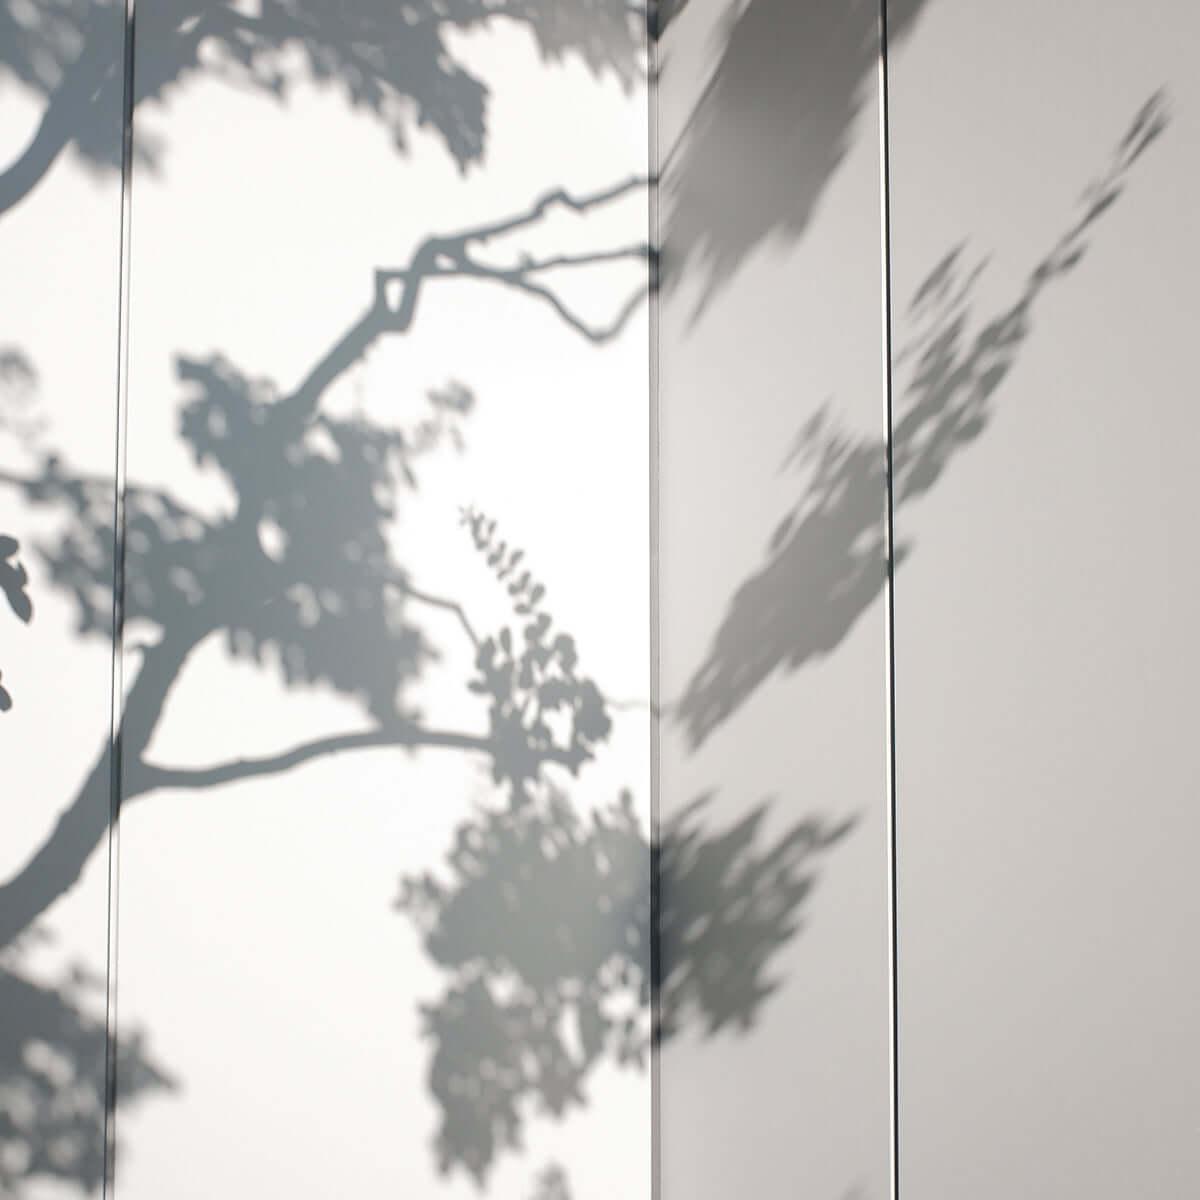 予定調和を崩してくれる心地の良い偶然。写真家・嶌村吉祥丸が捉えた東京の情景 kisshomaru_3584-1200x1200